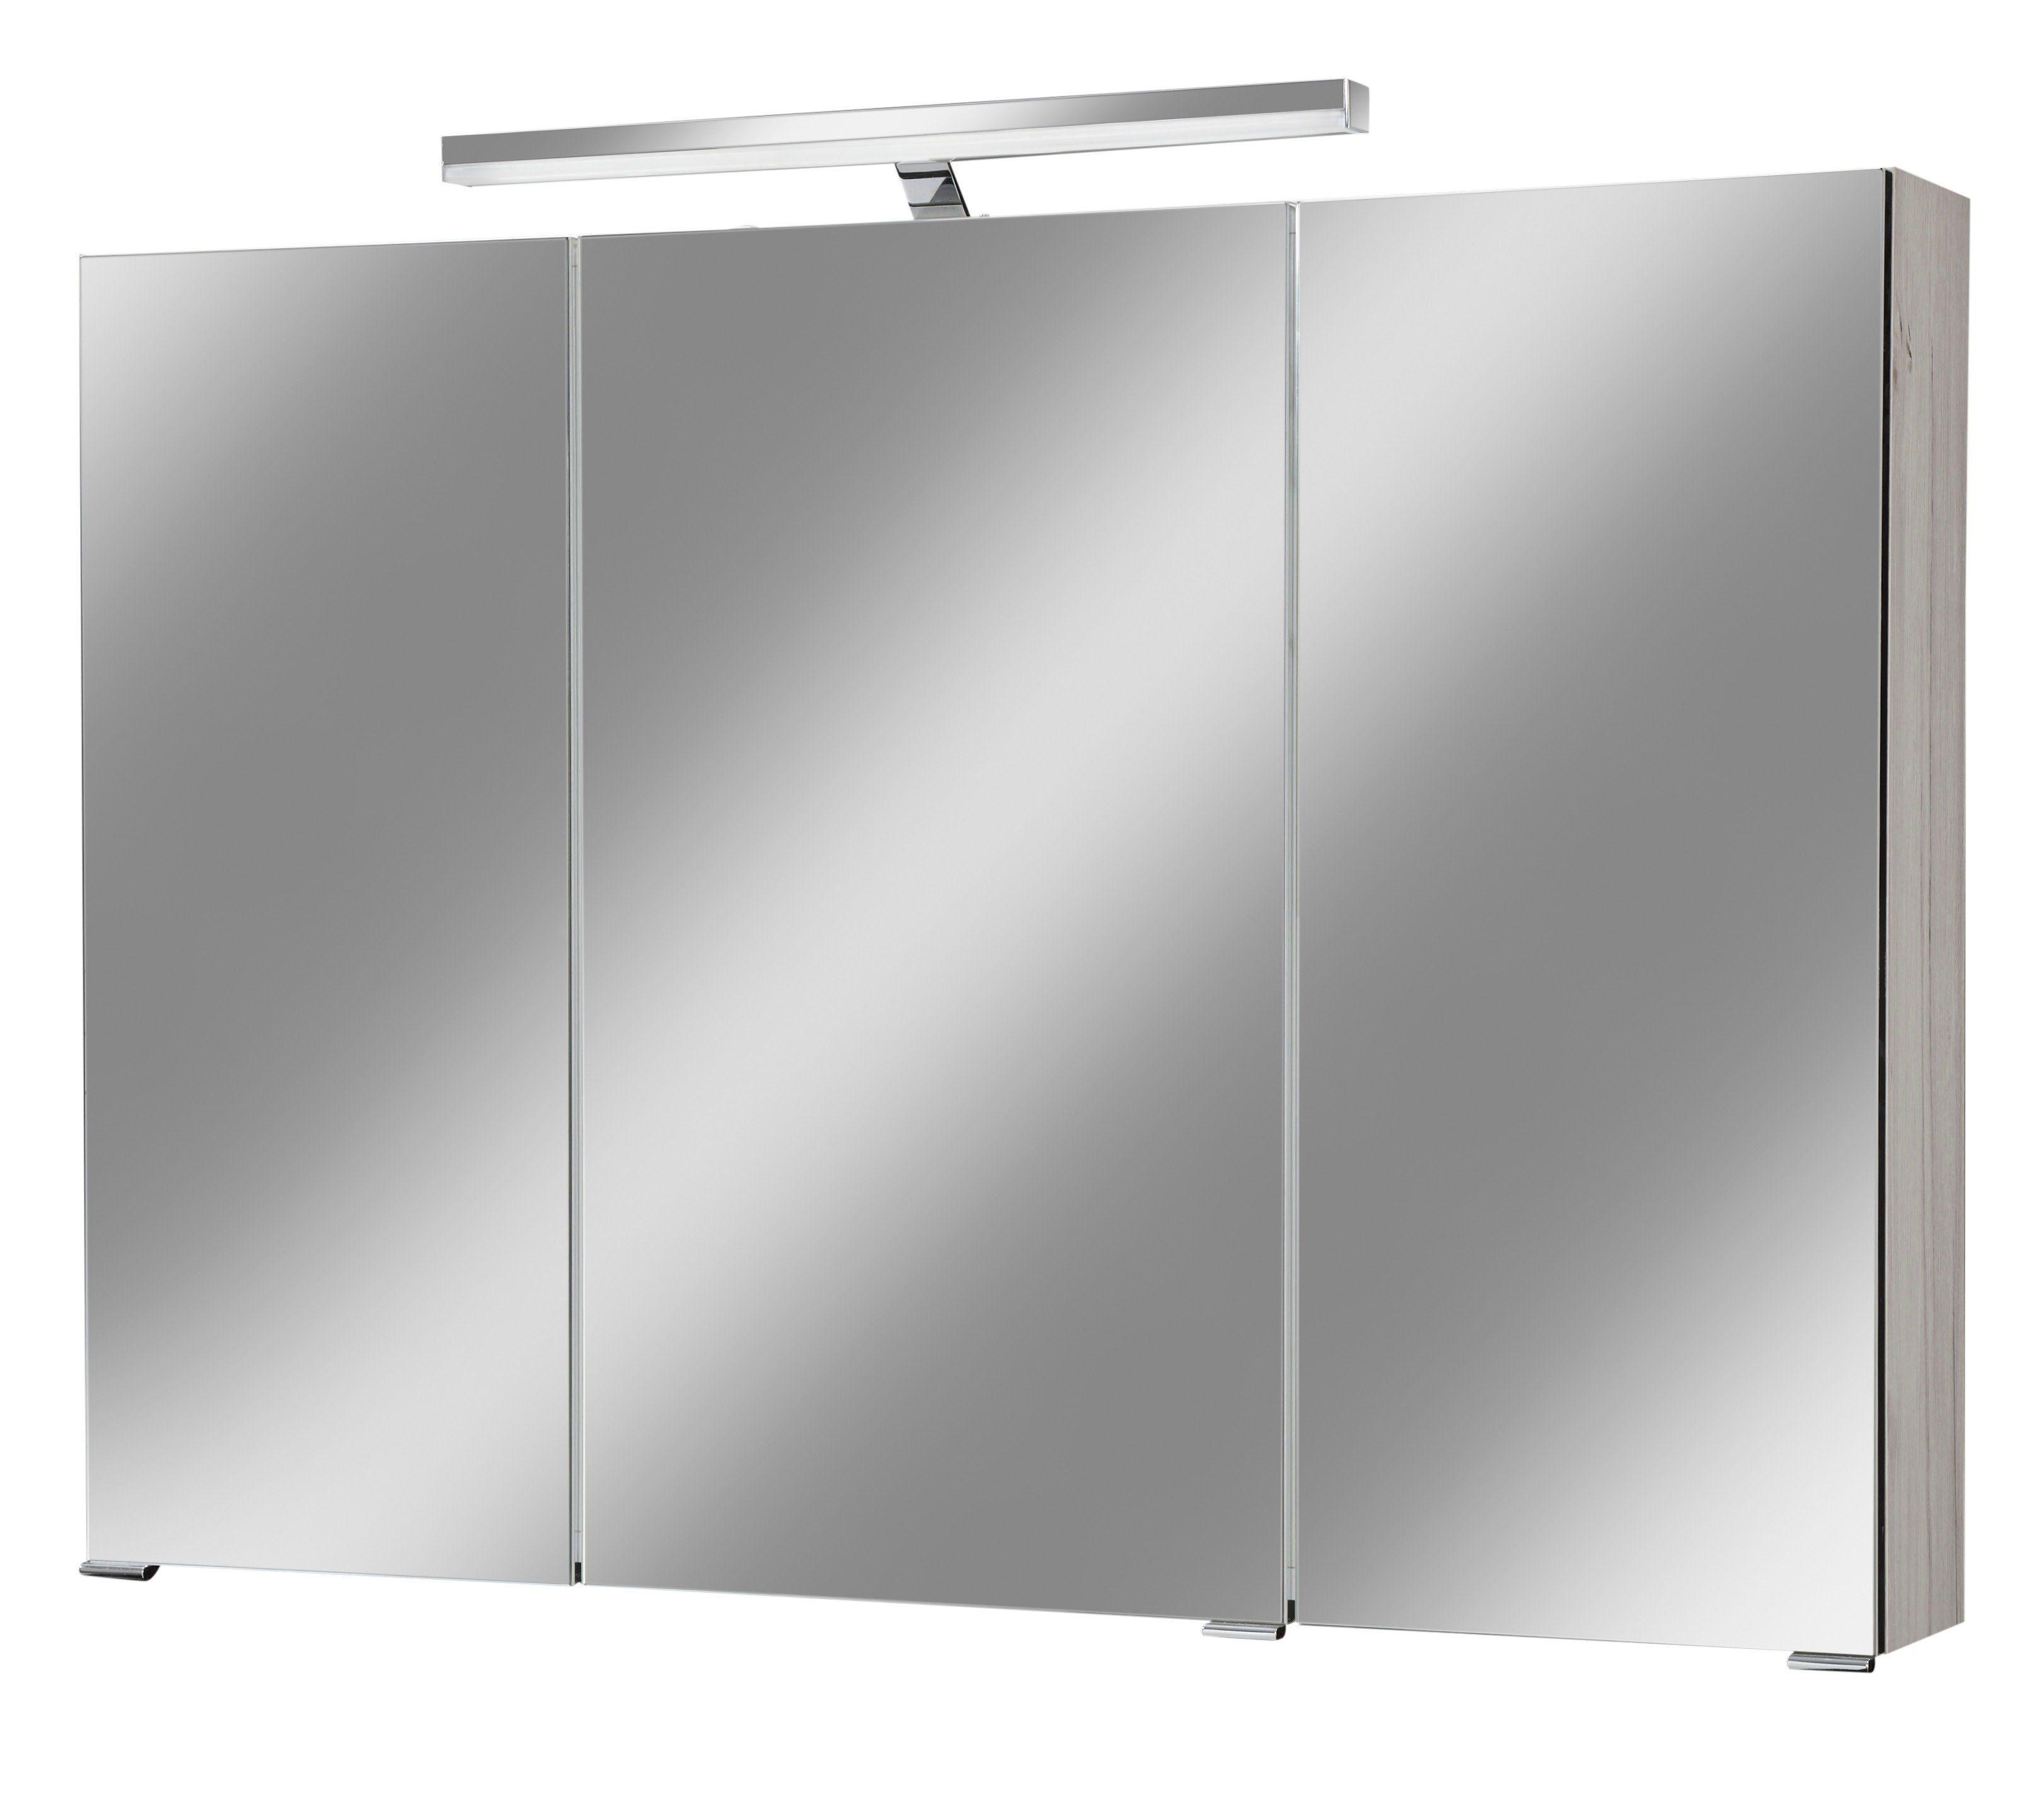 Spiegelschrank »Monaco« Breite 100 cm, mit Beleuchtung